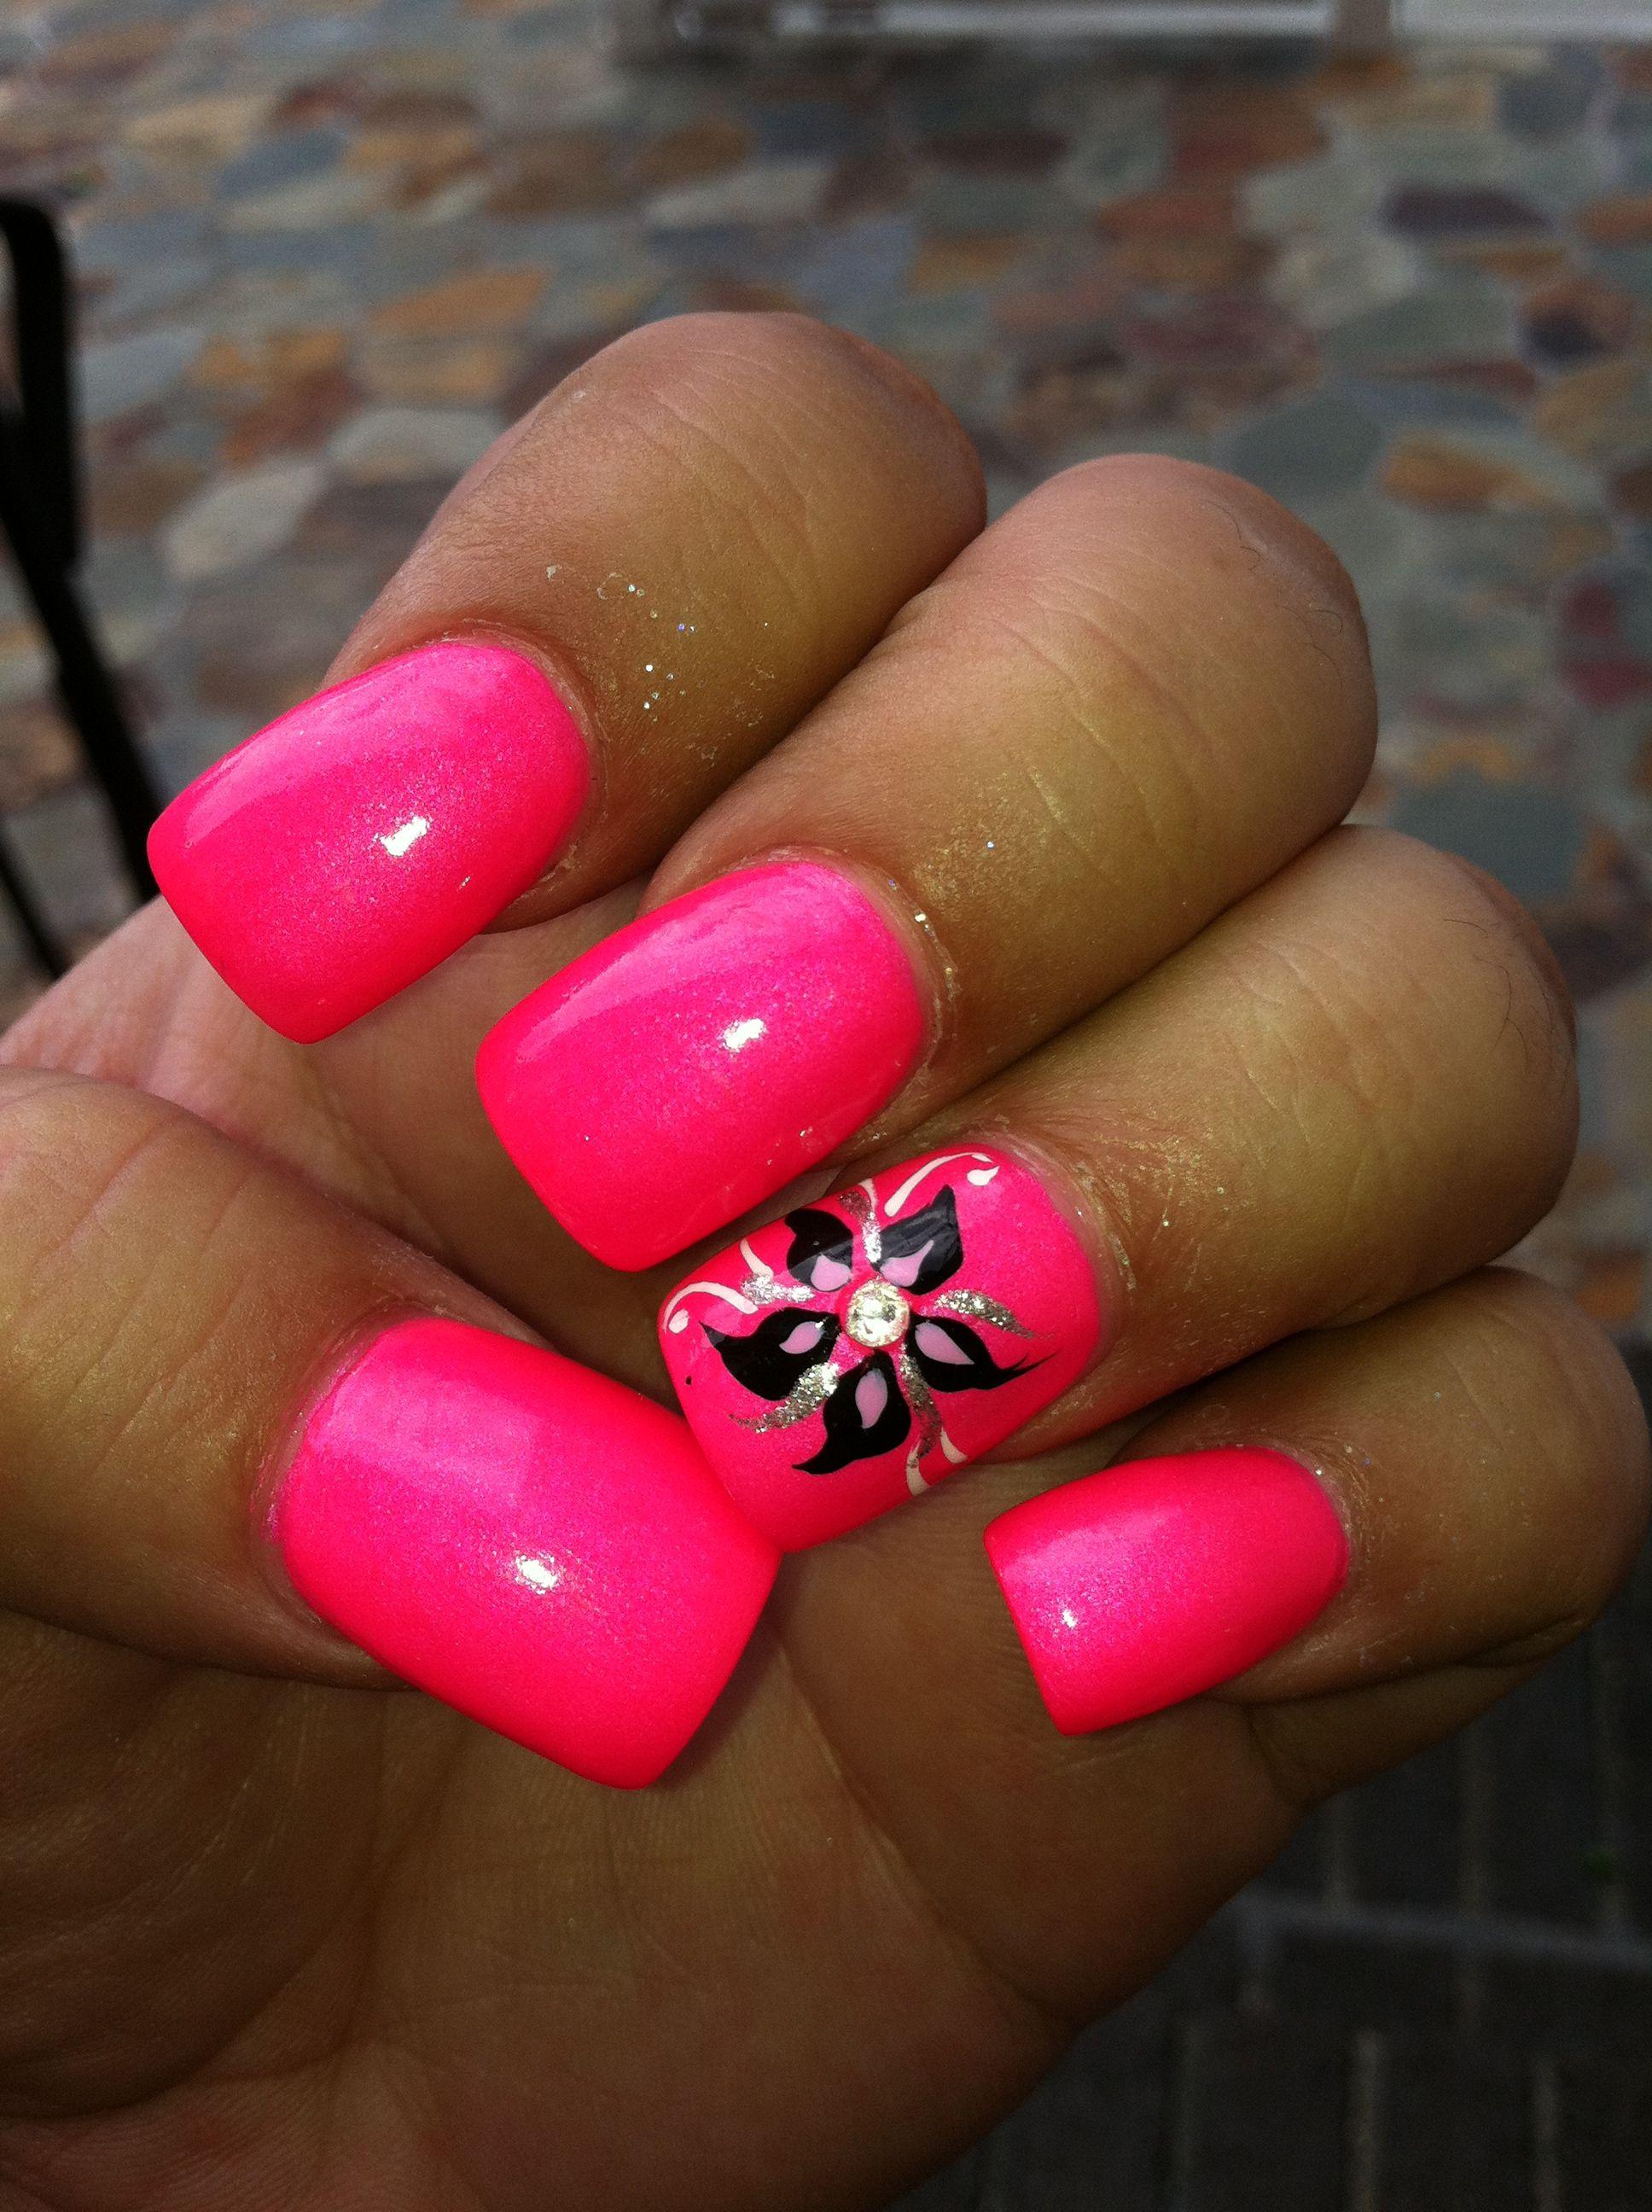 Holy Bright Nails Nails Pinterest Bright Nails Bright And